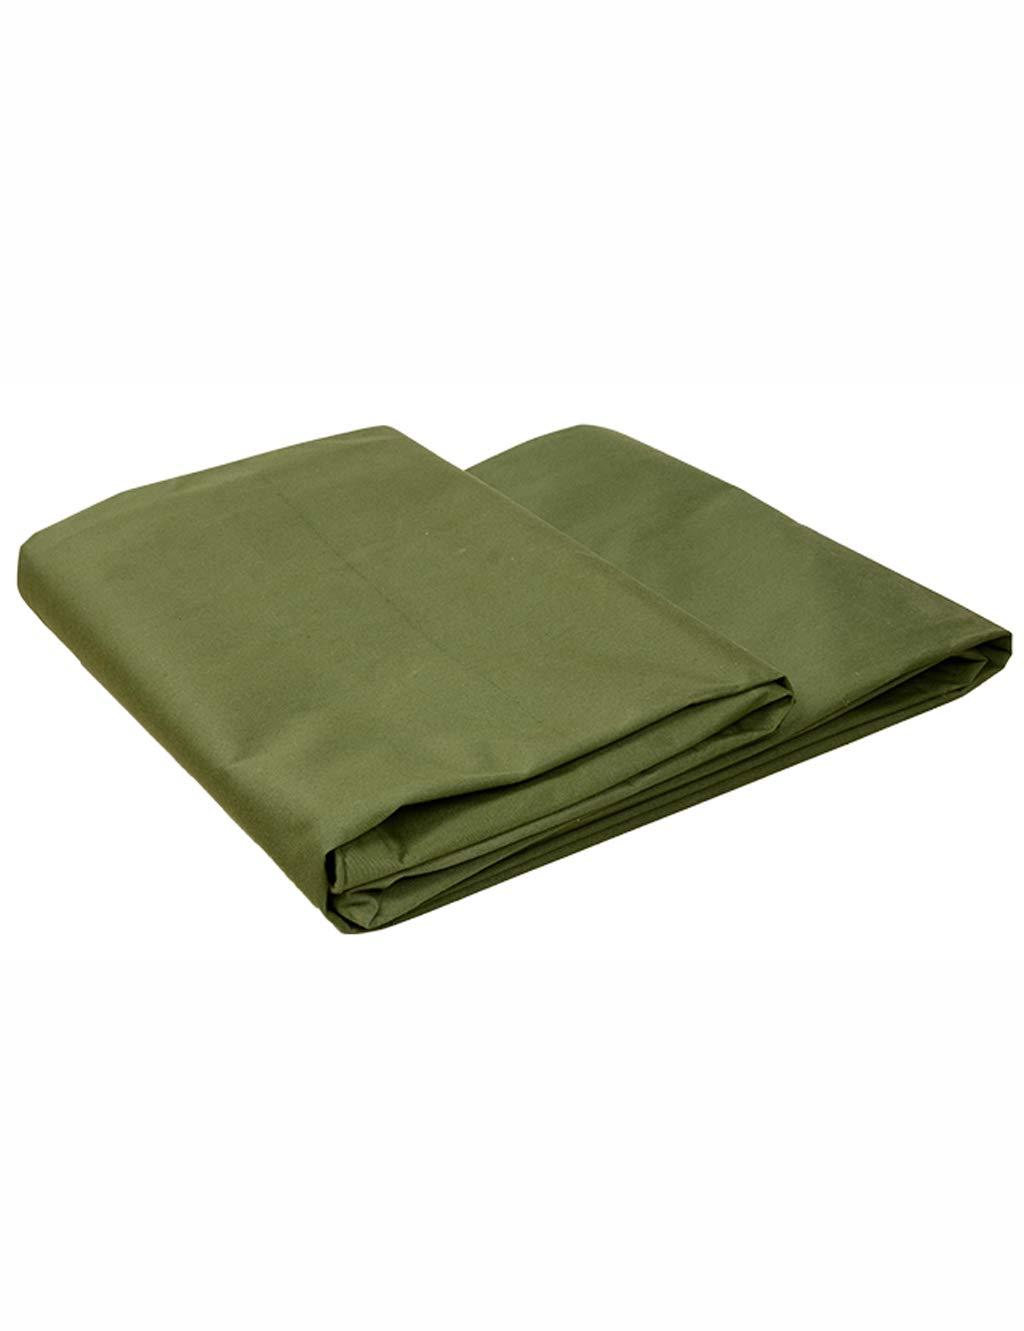 PIPIXIA Toile de bÂche imperméable résistante avec des rondelles pour des tentes de Voiture dans diverses Tailles  2M X 4M